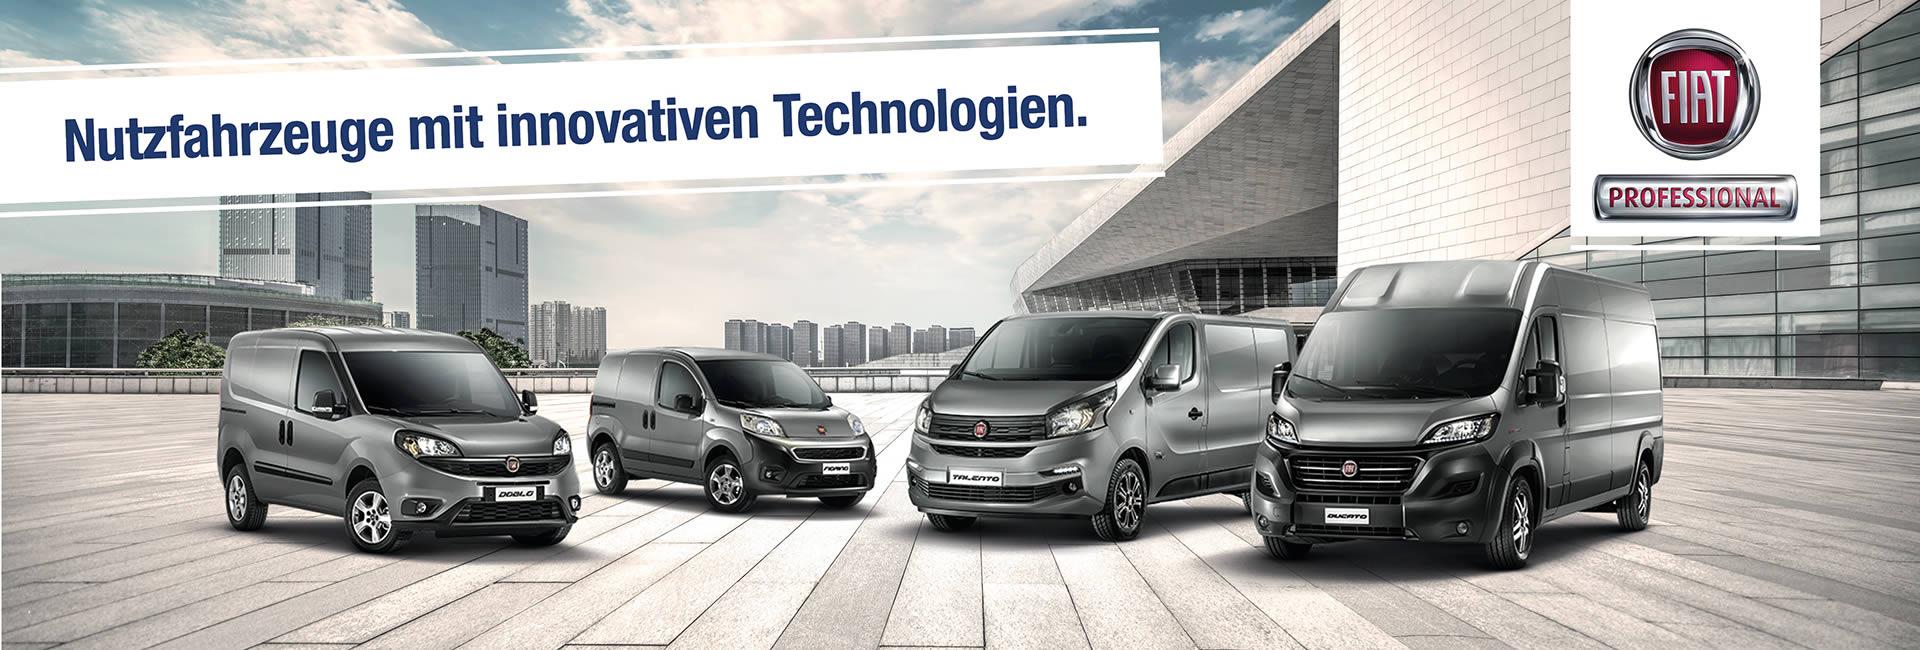 Fiat Professional Augsburg | Vertragshändler und Autohaus Mayrhörmann GmbH - Diedorf / Biburg